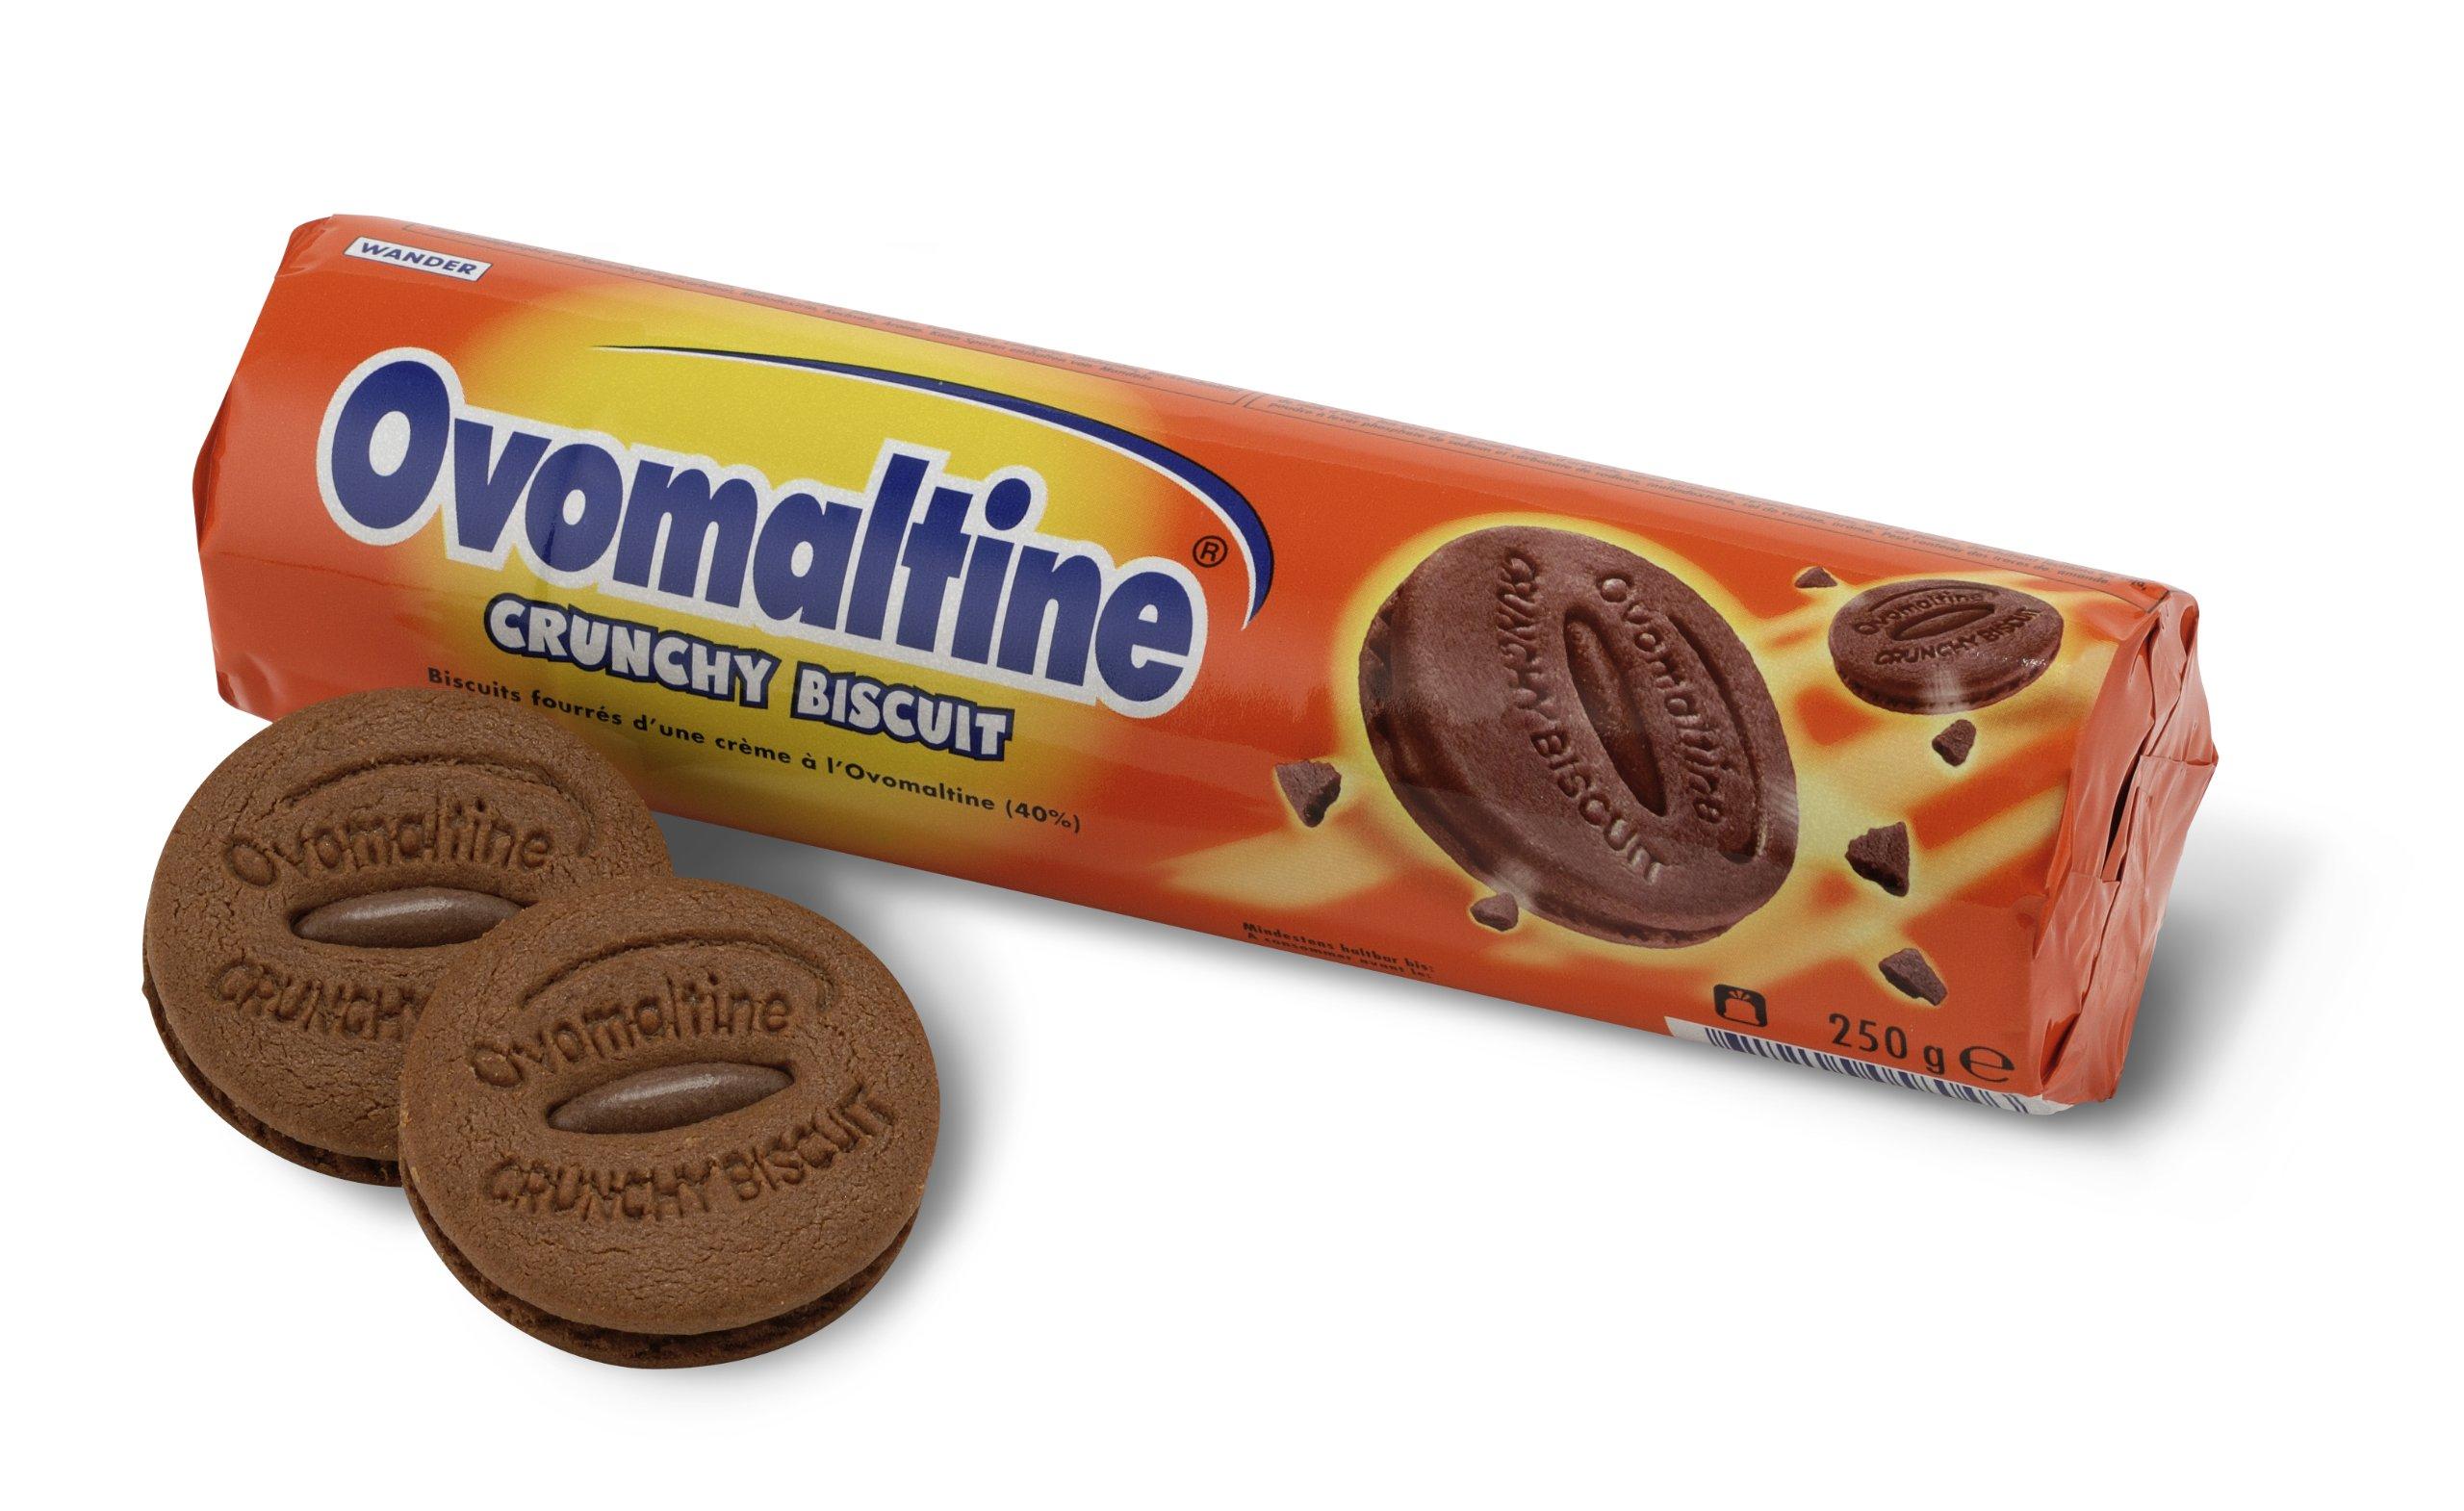 OVOMALTINE 6 Crunchy Biscuit Rolls (each 250 grams), Switzerland, total 1500 grams.